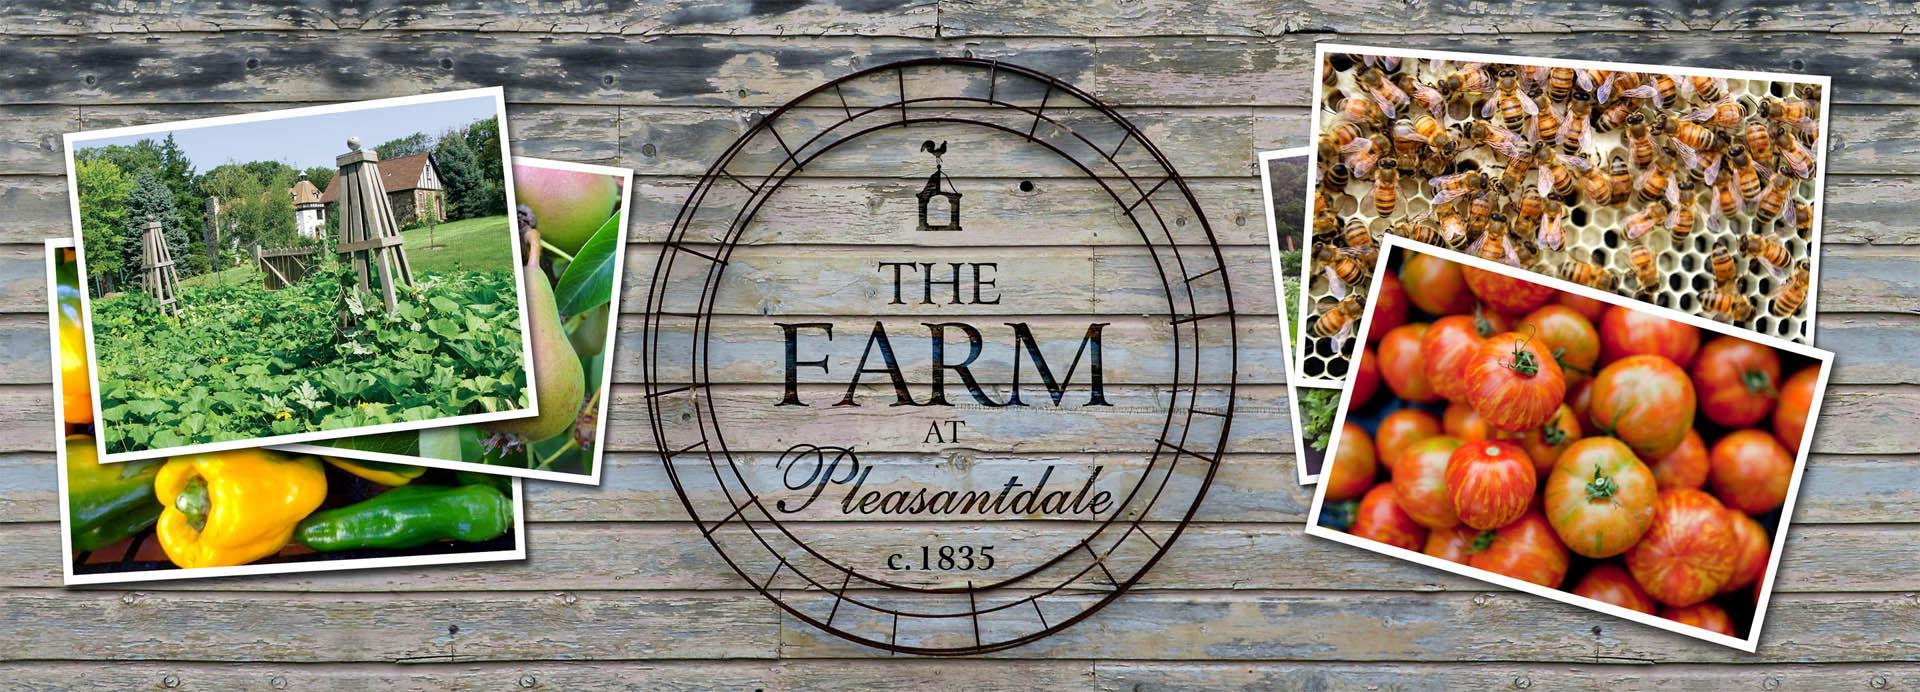 local farm produce